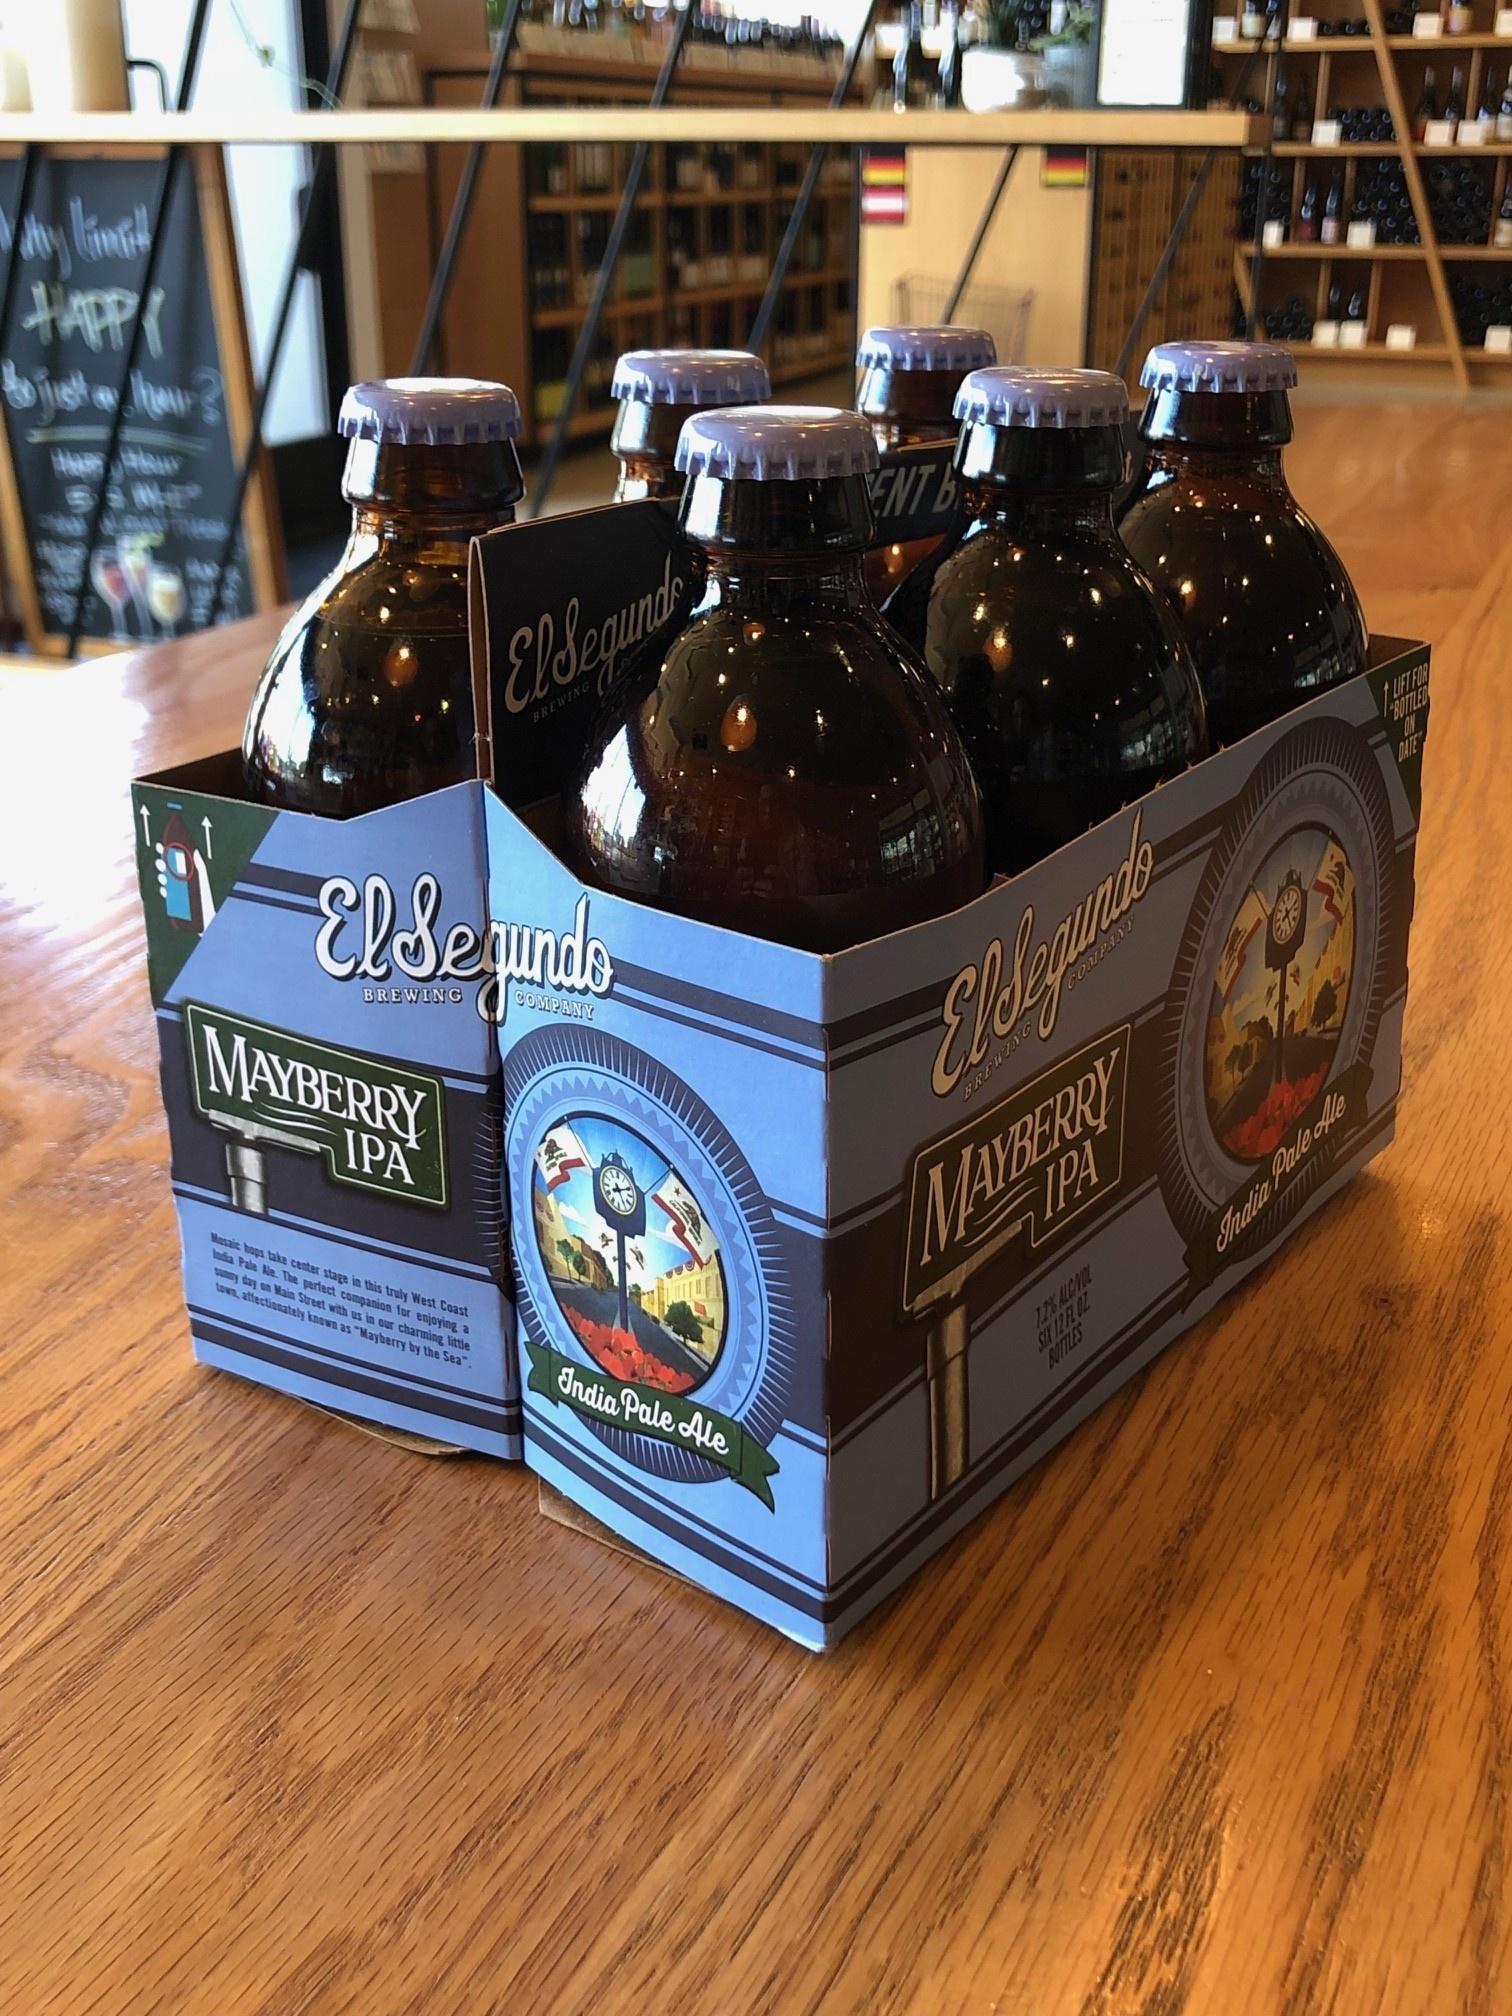 El Segundo Brewing Company El Segundo Brewing Co. Mayberry IPA 6 pack